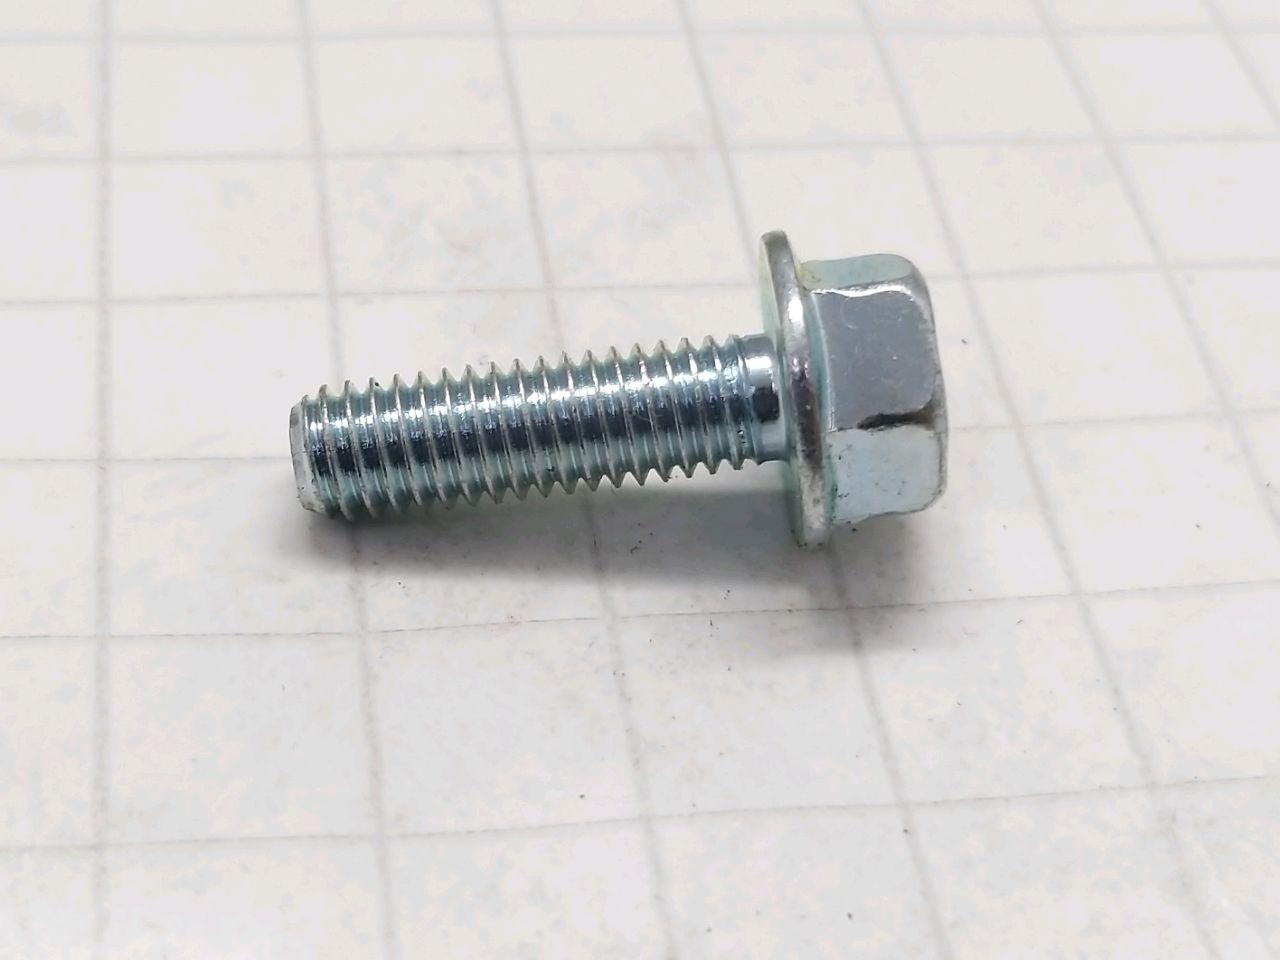 Bulon 6х20M DIN6921 10.9 zinc.